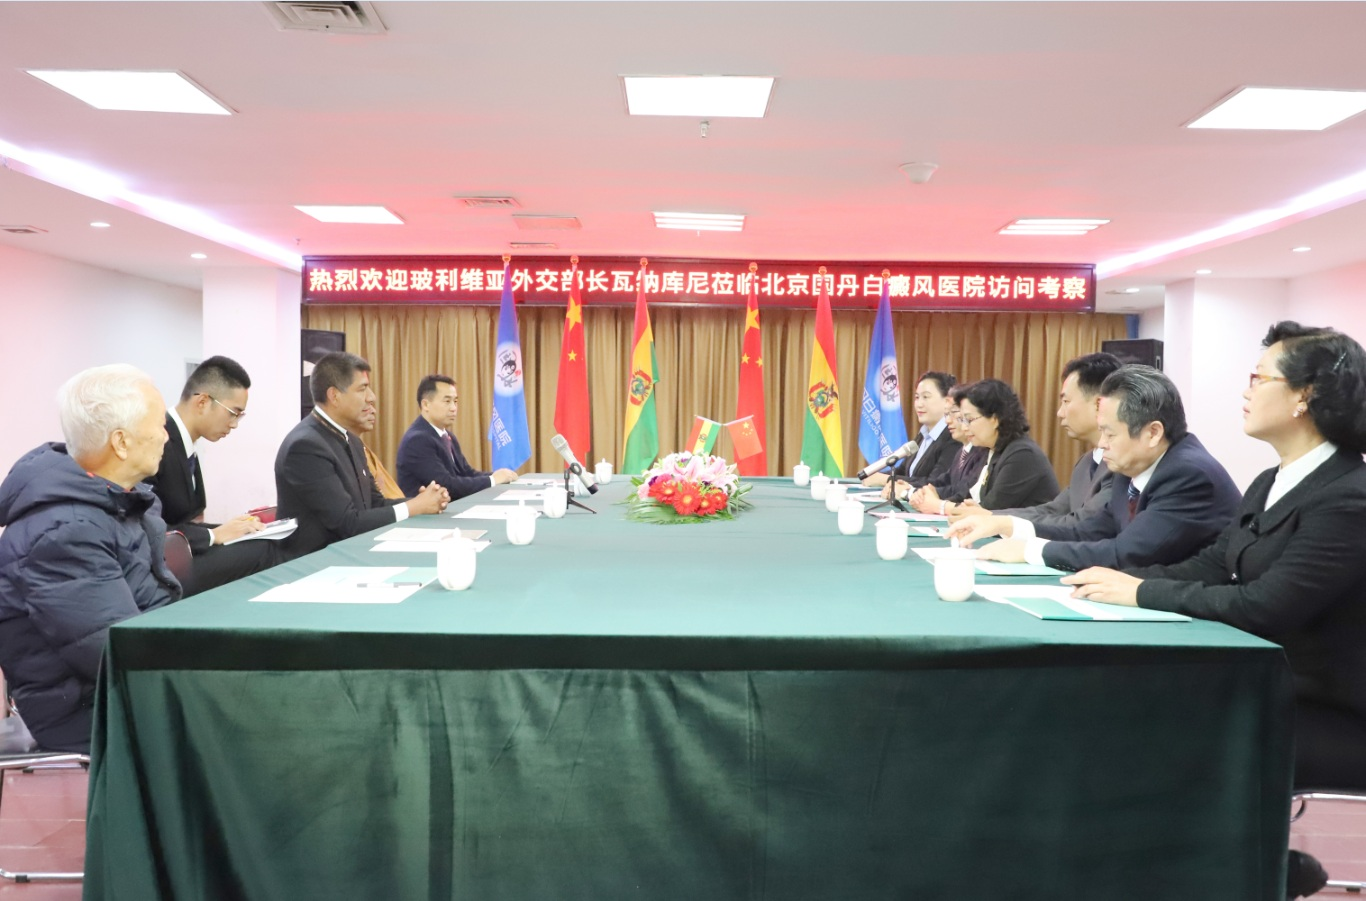 玻利维亚前外交部长瓦纳库尼莅临北京国丹医院访问考察